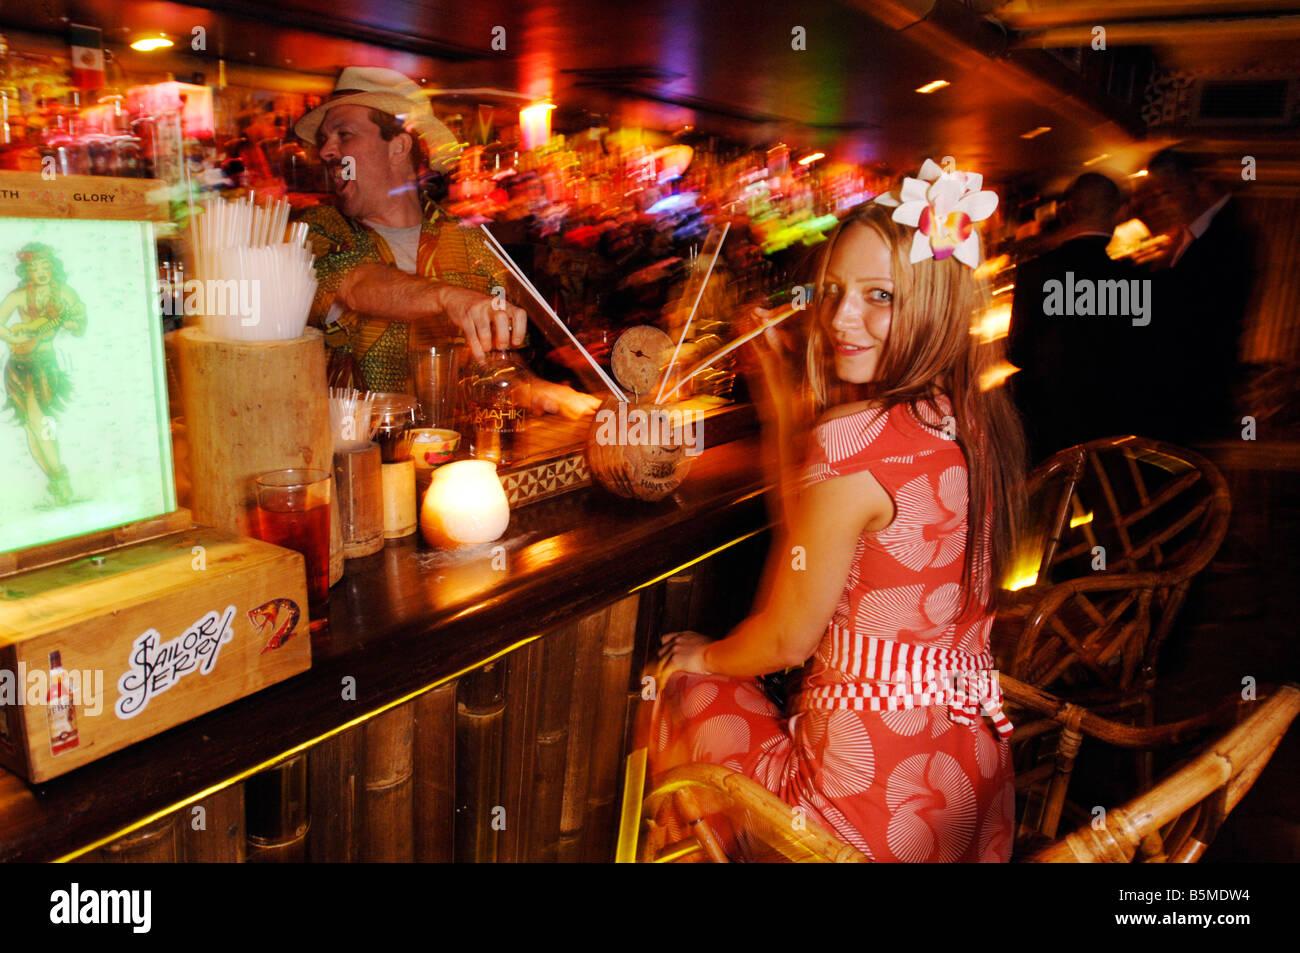 A Paris Bar Girl Stock Photos & A Paris Bar Girl Stock Images - Alamy